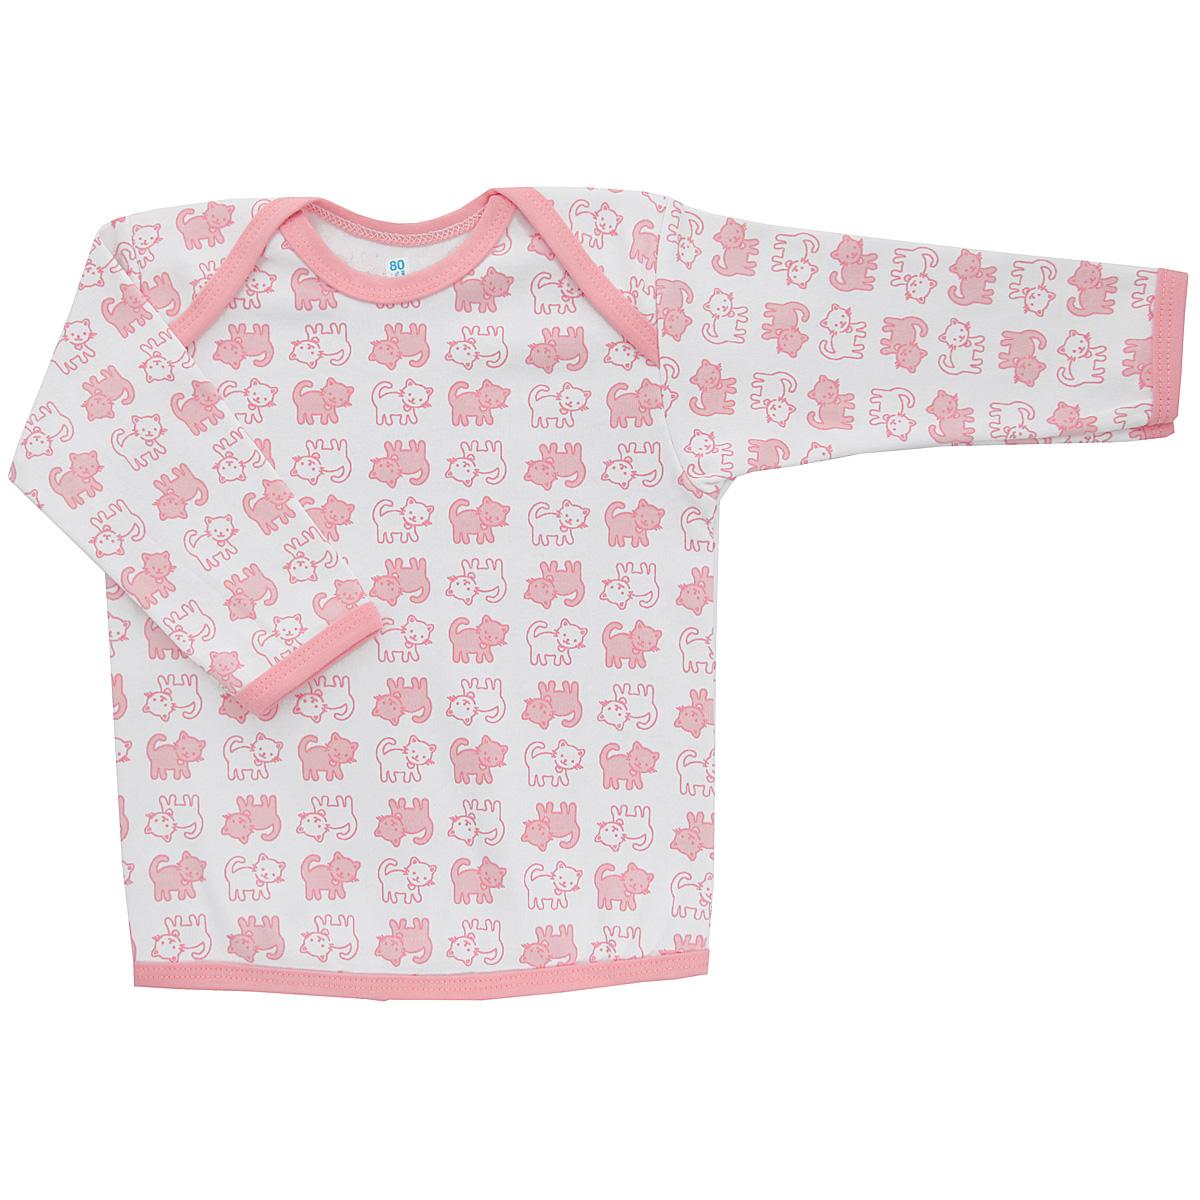 Футболка с длинным рукавом детская Трон-плюс, цвет: белый, розовый. 5611_котенок. Размер 56, 1 месяц5611_котенокУдобная детская футболка Трон-плюс с длинными рукавами послужит идеальным дополнением к гардеробу вашего ребенка, обеспечивая ему наибольший комфорт. Изготовленная из интерлока - натурального хлопка, она необычайно мягкая и легкая, не раздражает нежную кожу ребенка и хорошо вентилируется, а эластичные швы приятны телу ребенка и не препятствуют его движениям. Удобные запахи на плечах помогают легко переодеть младенца. Горловина, низ модели и низ рукавов дополнены трикотажной бейкой. Спинка модели незначительно укорочена. Оформлено изделие принтом с изображениями котенка. Футболка полностью соответствует особенностям жизни ребенка в ранний период, не стесняя и не ограничивая его в движениях.